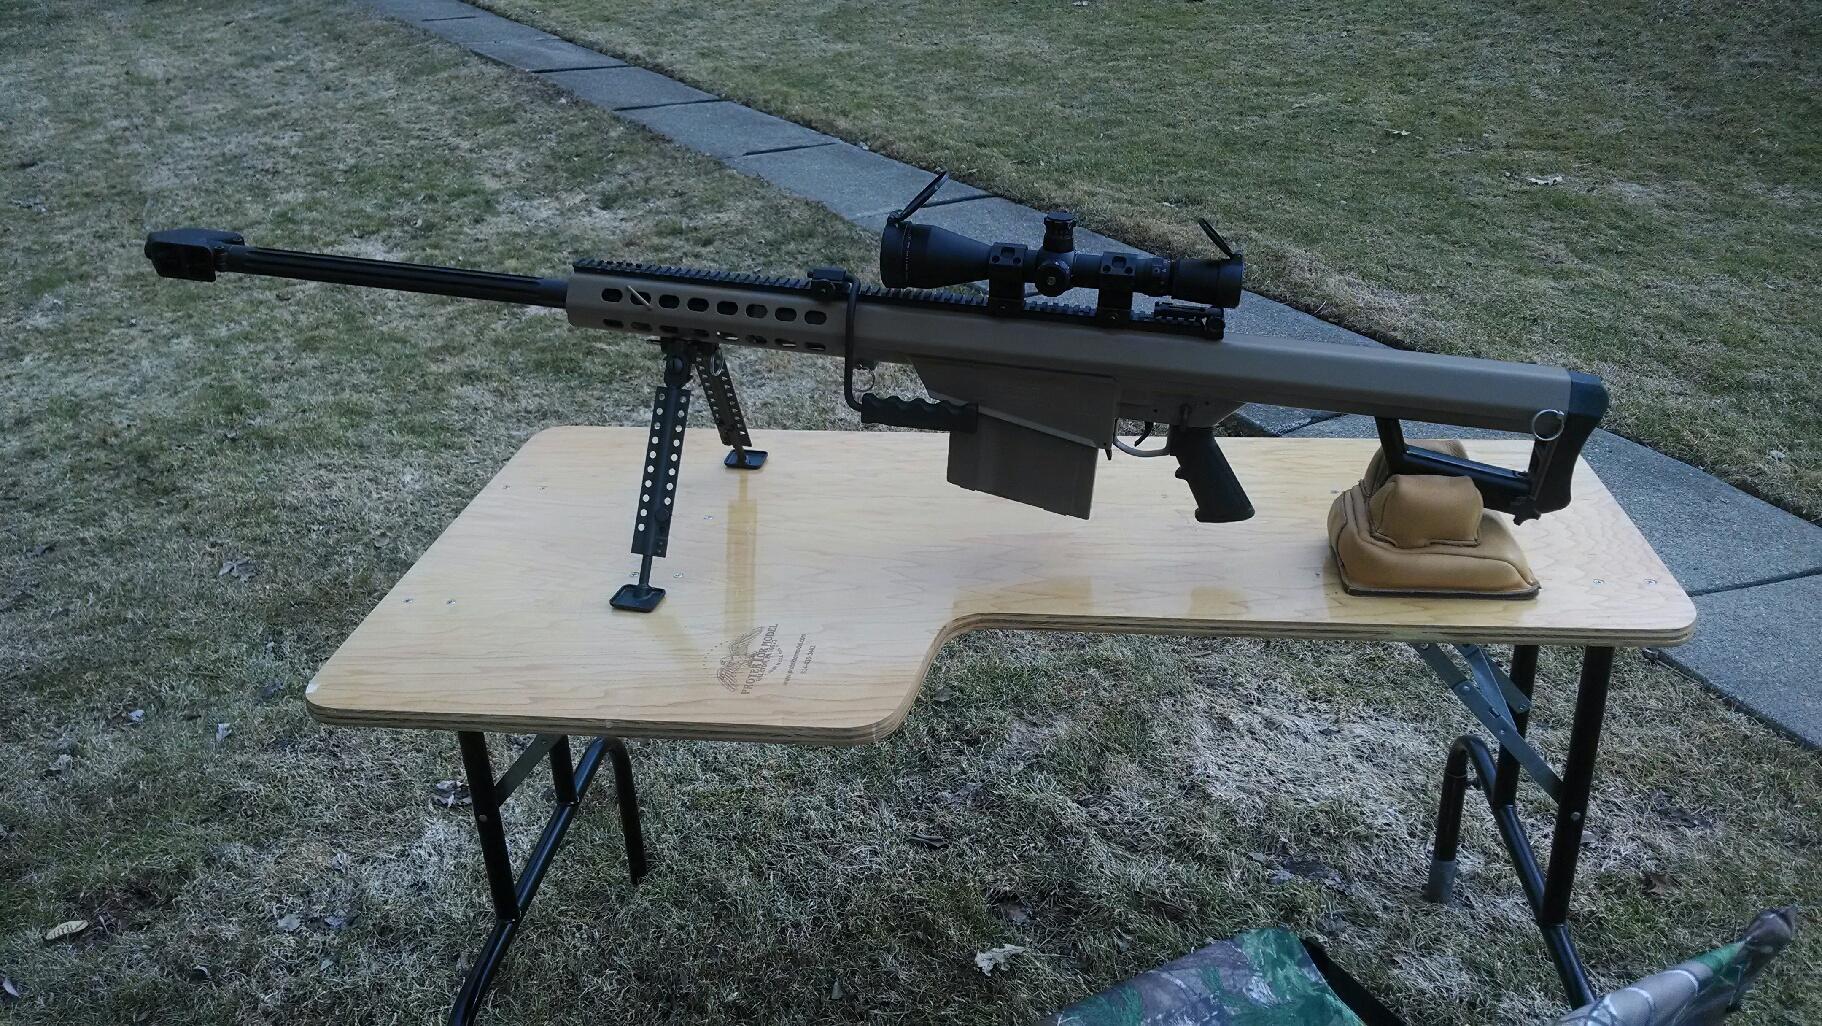 Barrett M82A1 for sale-barrett-1.jpg